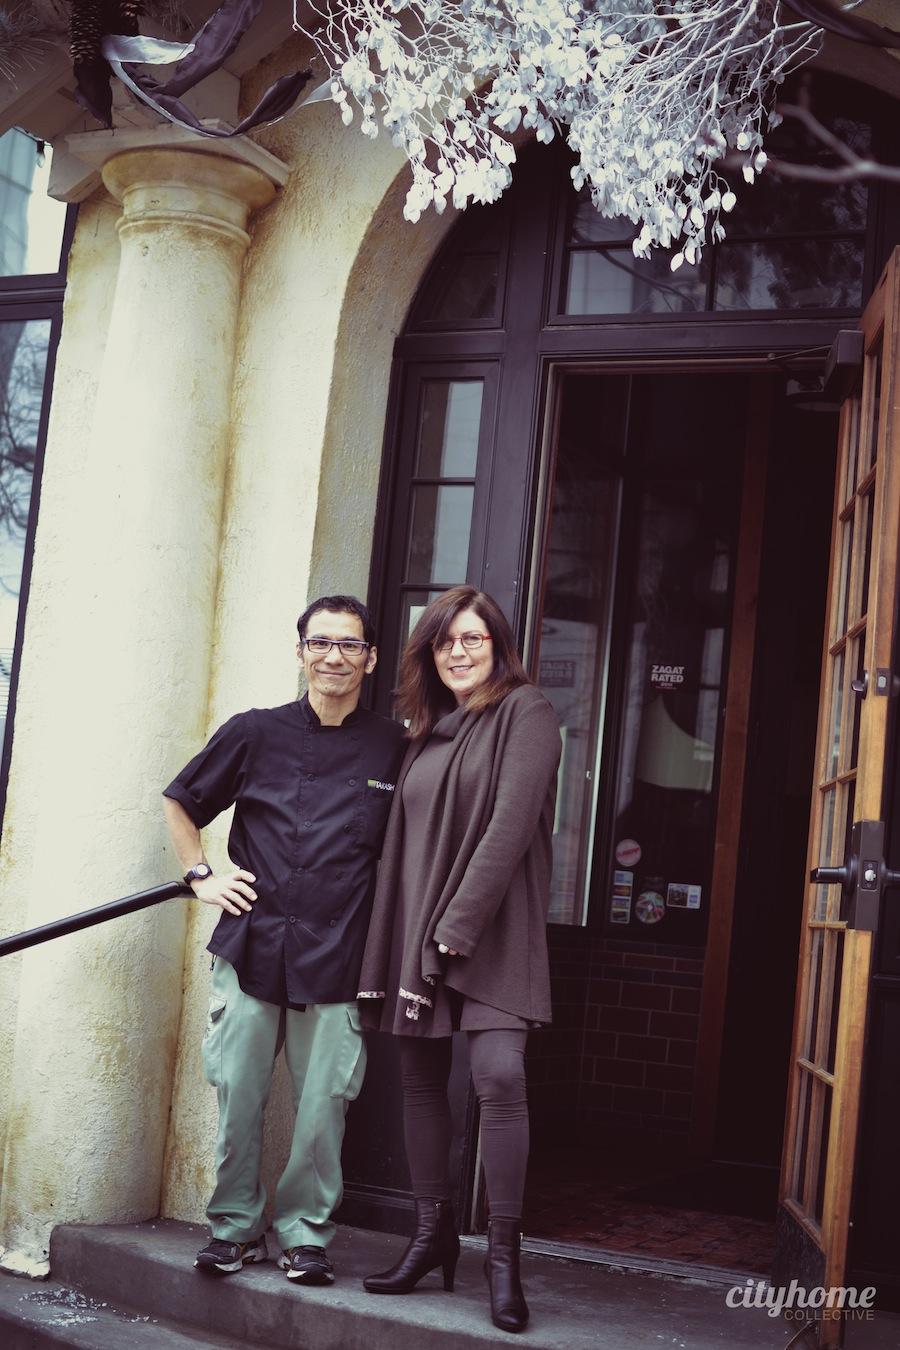 Tamara-Takashi-SLC-Local-Sushi-Restaraunt-51